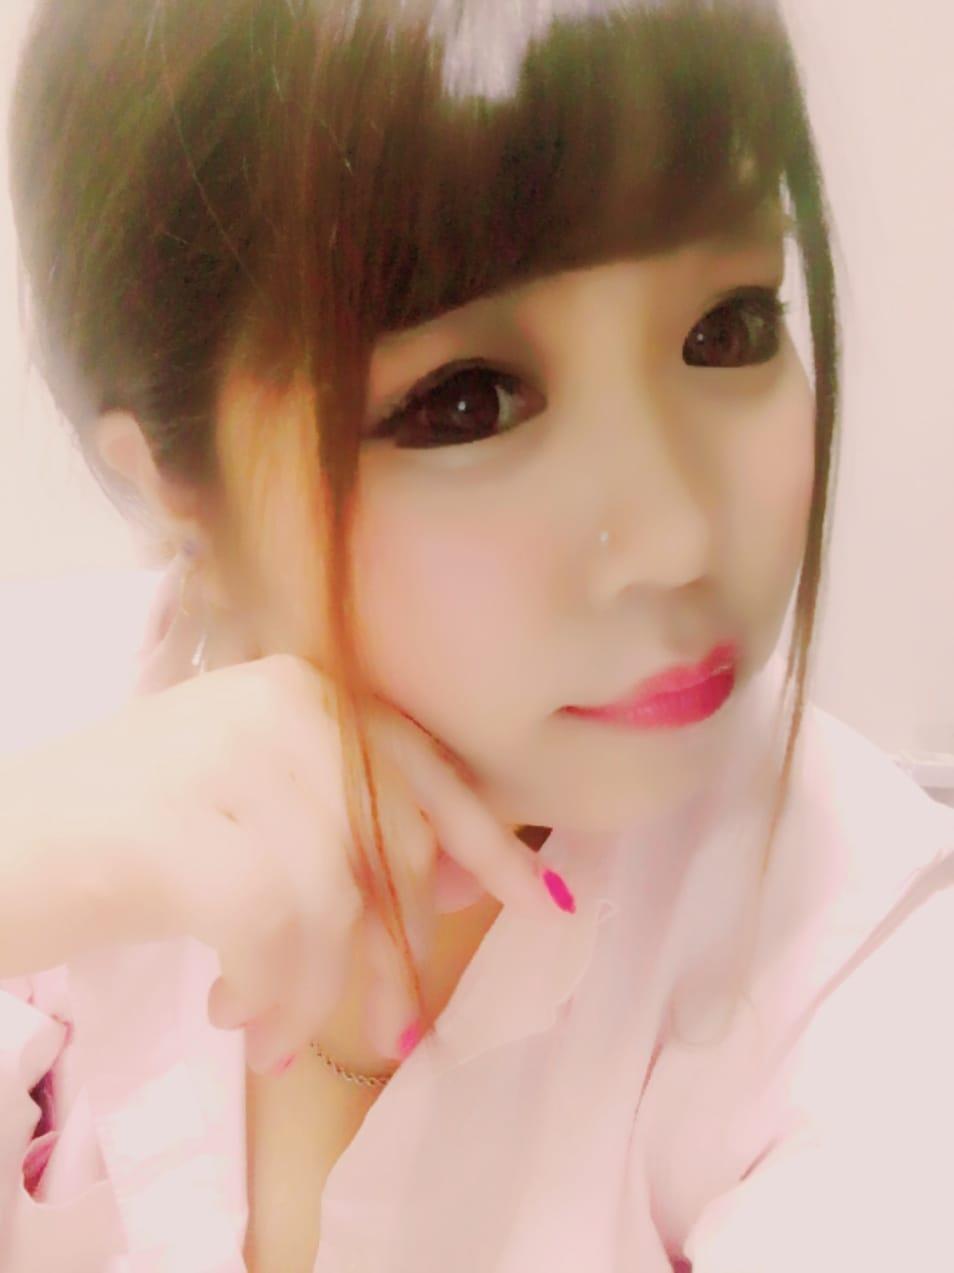 「☆ありがとう☆」03/25(03/25) 21:42   かんなの写メ・風俗動画